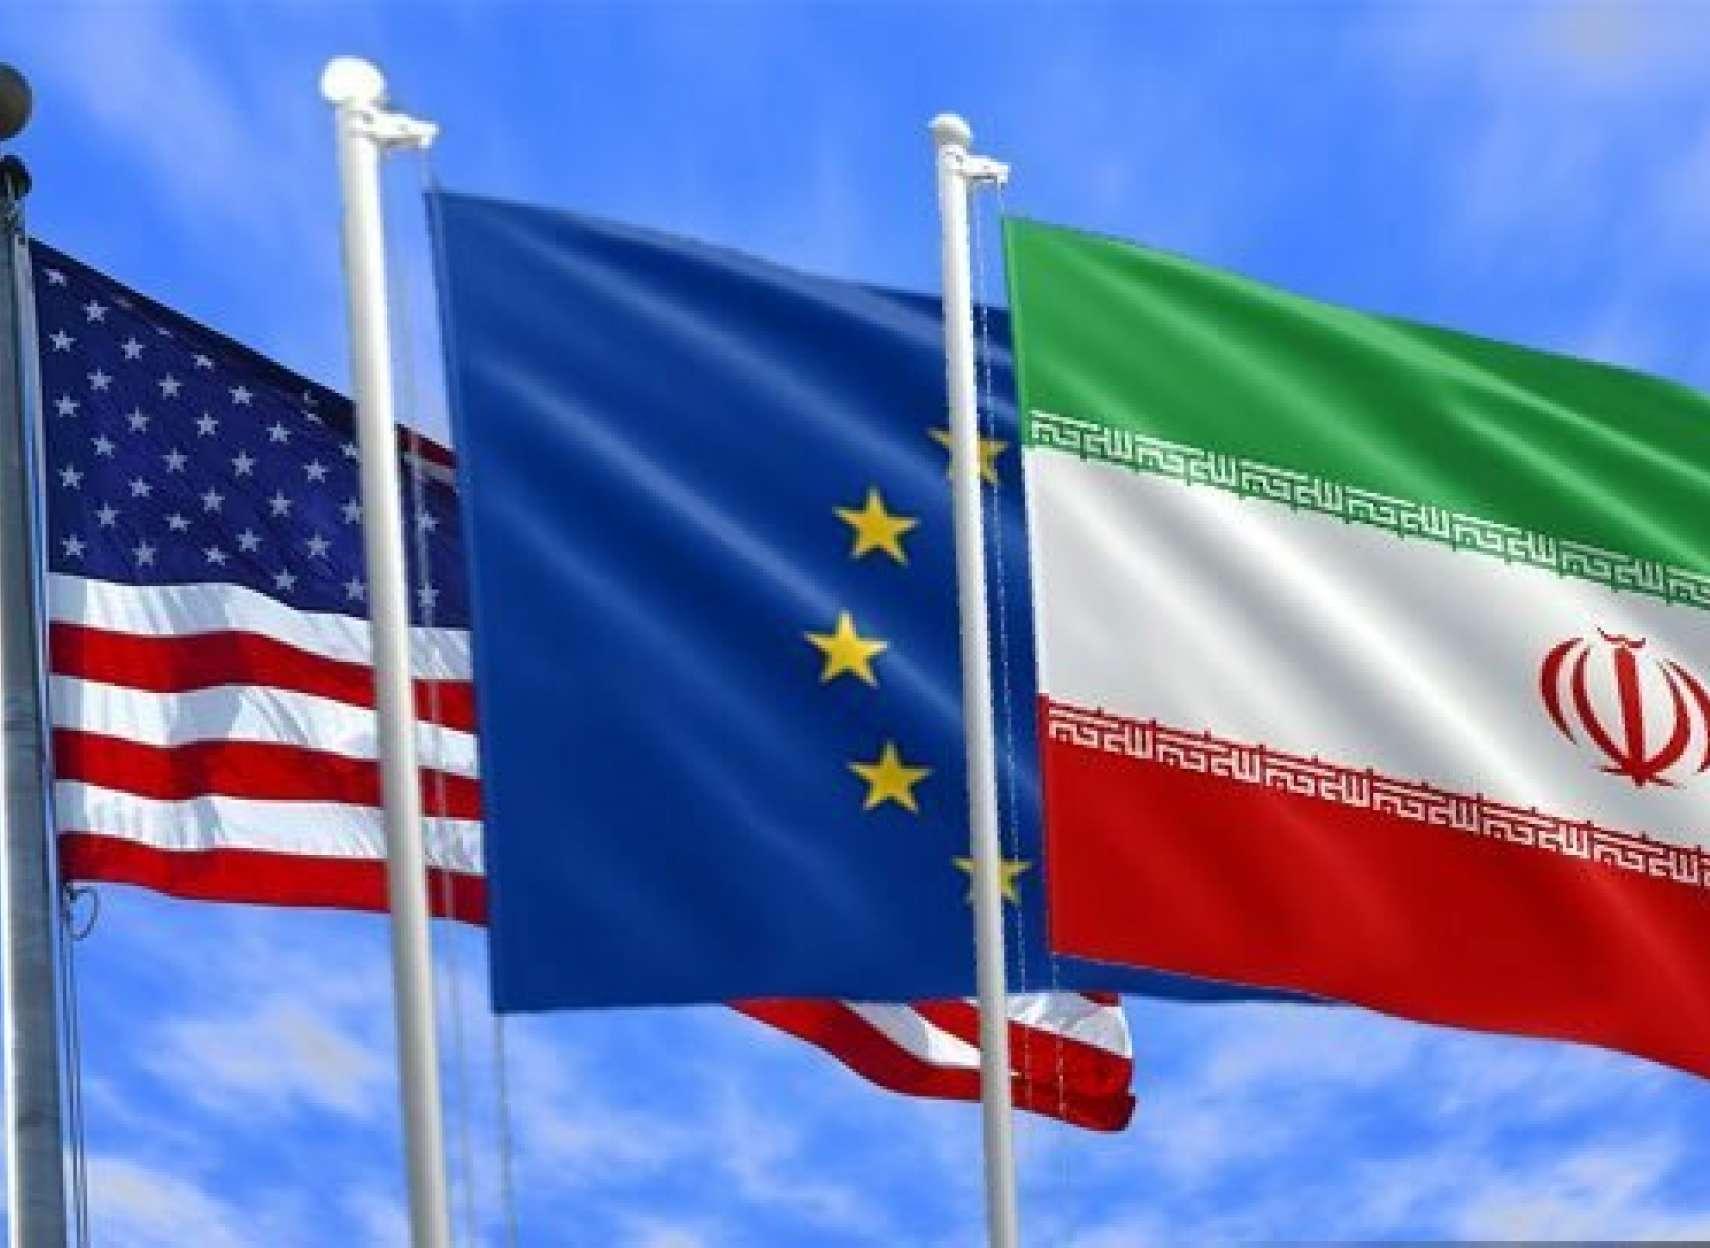 نشست-مهم-اروپا-و-ایران-فردا-در-وین- صبر-استراتژیک-تا-انتخابات-آمریکا